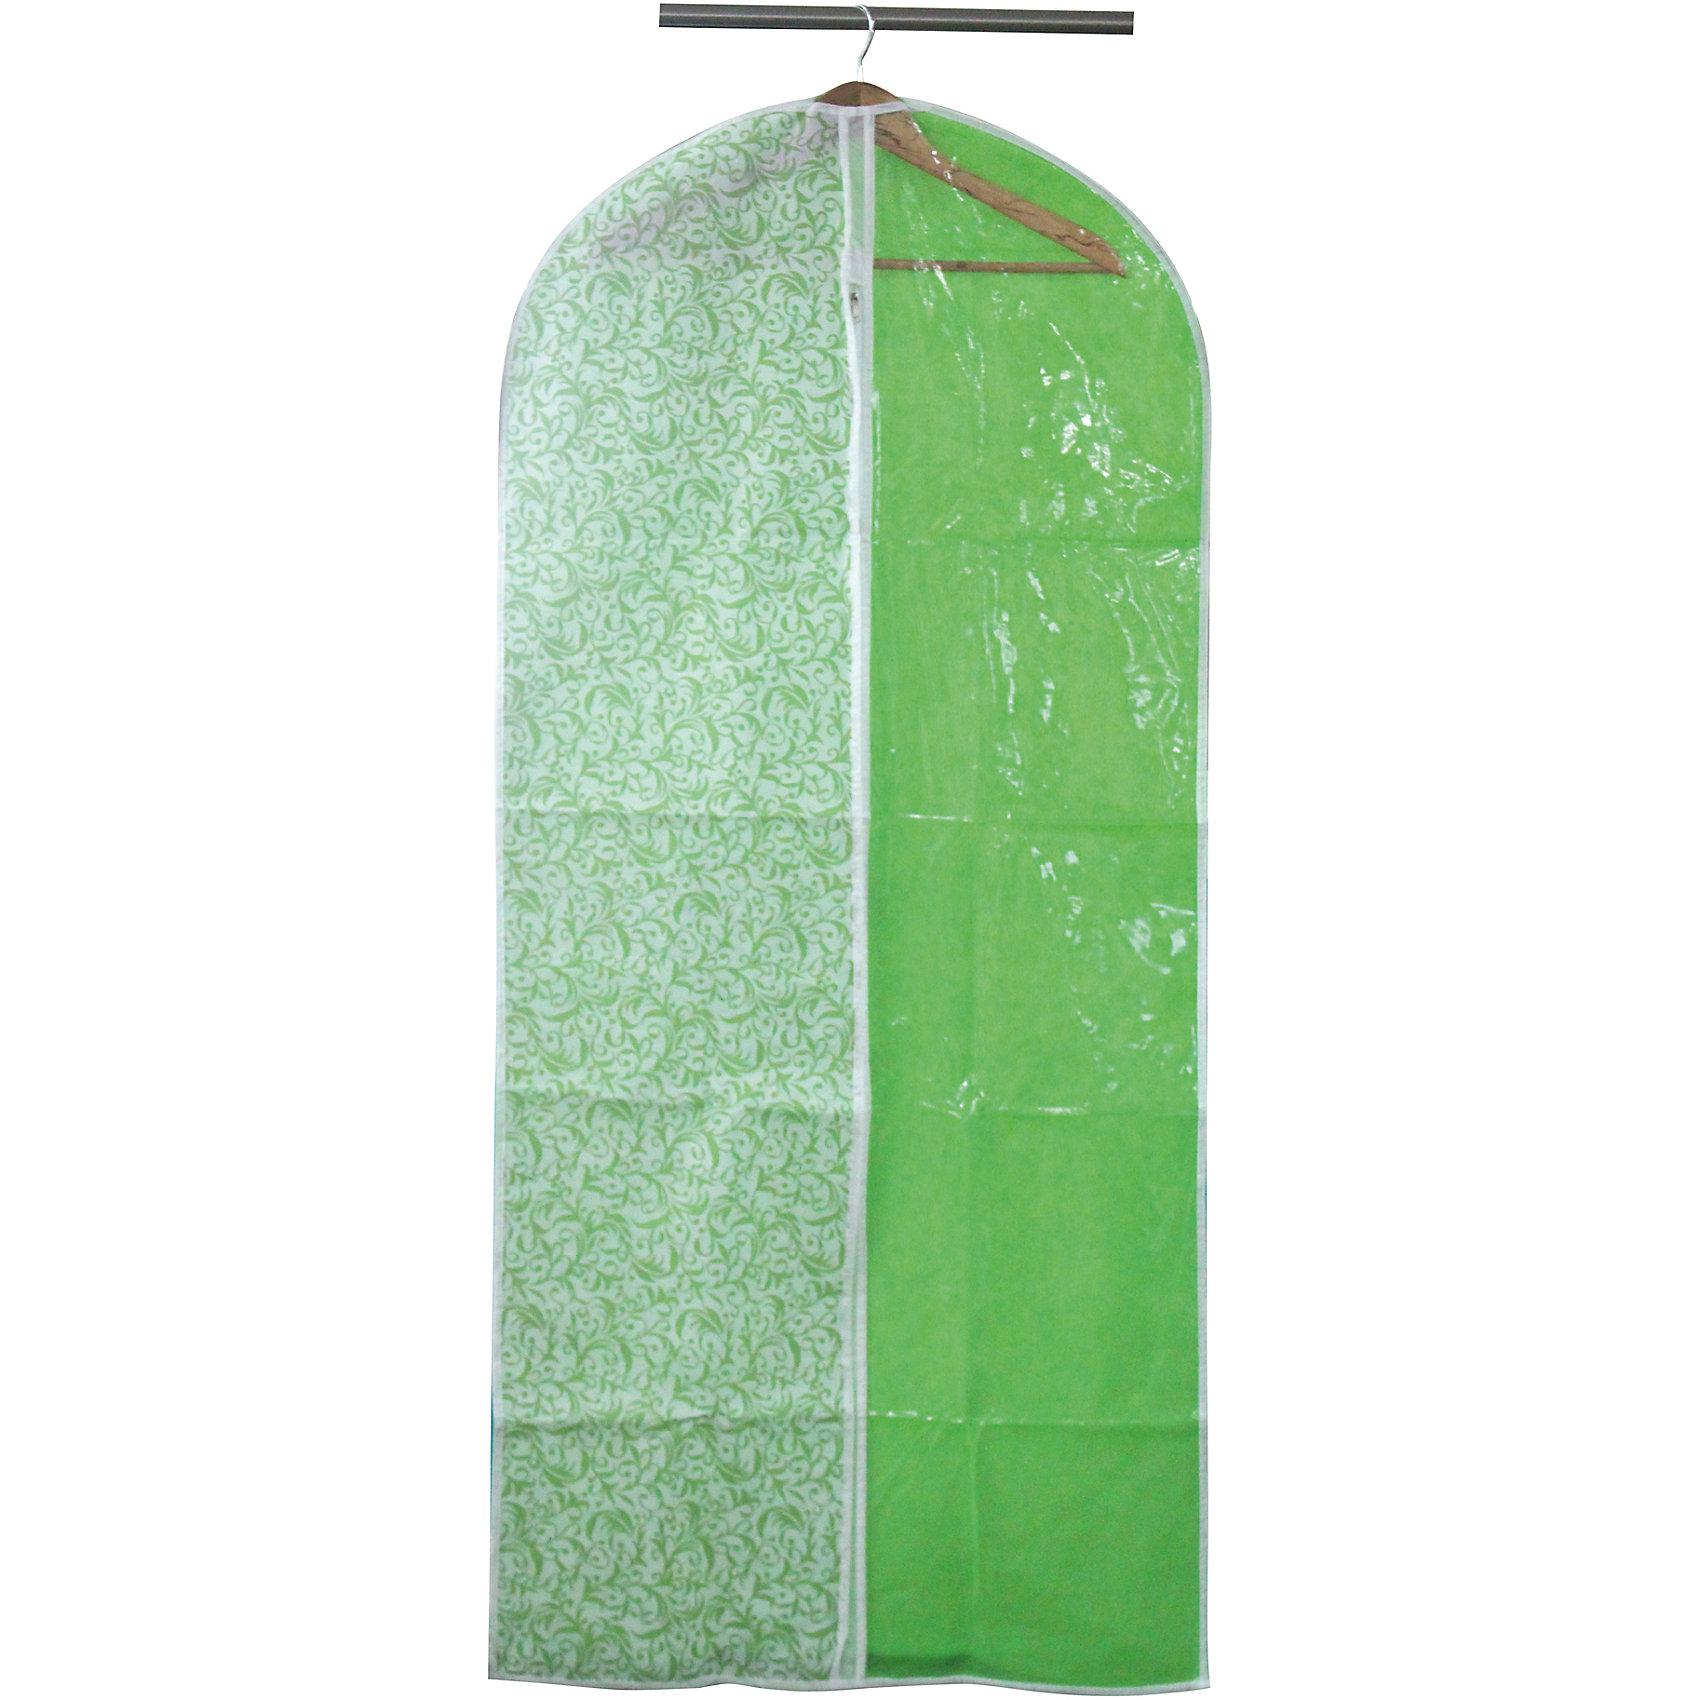 Чехол для одежды NWS-2, 60*135см, Рыжий КотКоллекция «Комфорт»<br>Размер: 60*135см<br>Материал: спанбонд (плотность 75 gsm), ПВХ (прозрачное окно)<br>- Молния <br>- Прозрачное окно из ПВХ <br>- Защита от моли и насекомых<br>- Защита от пыли и различных загрязнений<br>- Пылеотталкивающий, не электризующийся материал<br>Упаковка: пакет с подвесом<br><br>Ширина мм: 340<br>Глубина мм: 225<br>Высота мм: 25<br>Вес г: 175<br>Возраст от месяцев: 36<br>Возраст до месяцев: 1080<br>Пол: Унисекс<br>Возраст: Детский<br>SKU: 4288579